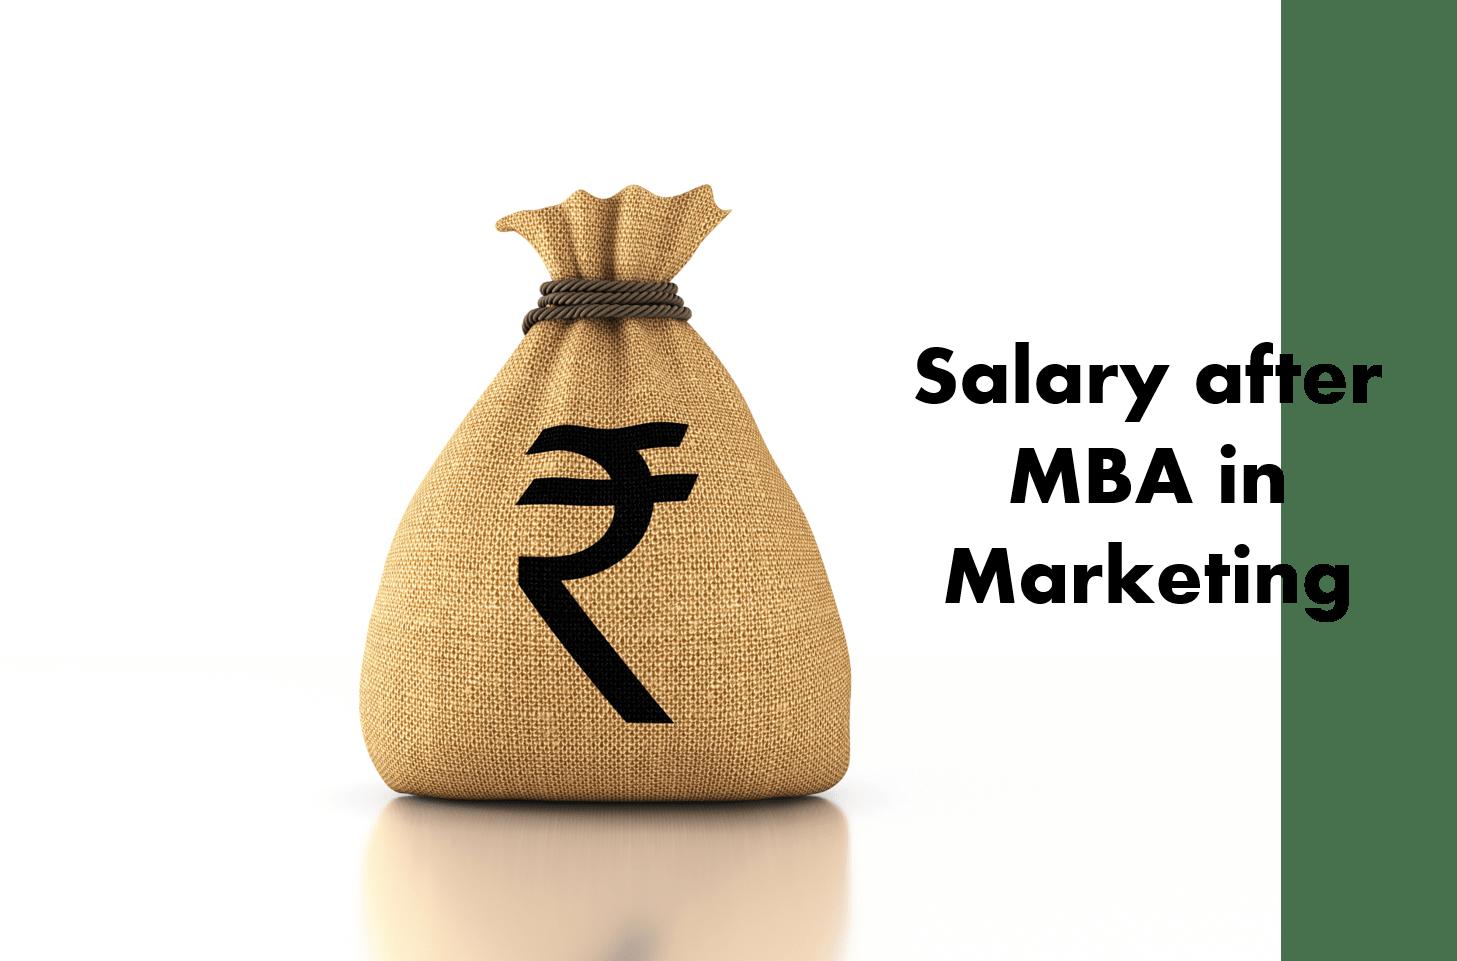 MBA Marketing salary in India